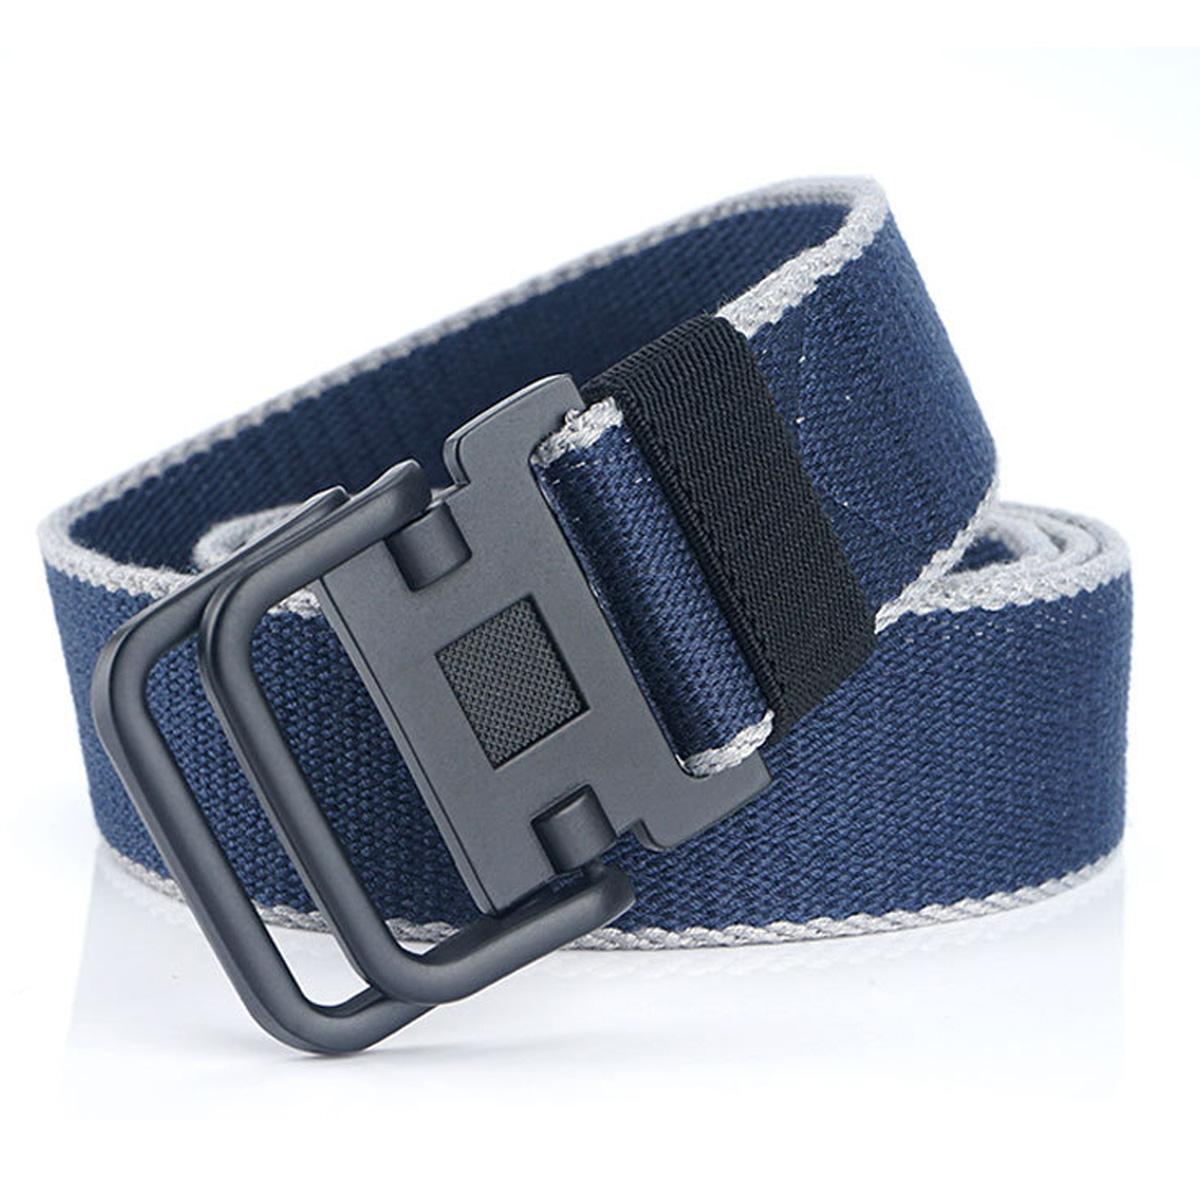 1.5inch Mens Canvas Webbing Belts Double Loops Buckle Sports Trousers Belt New